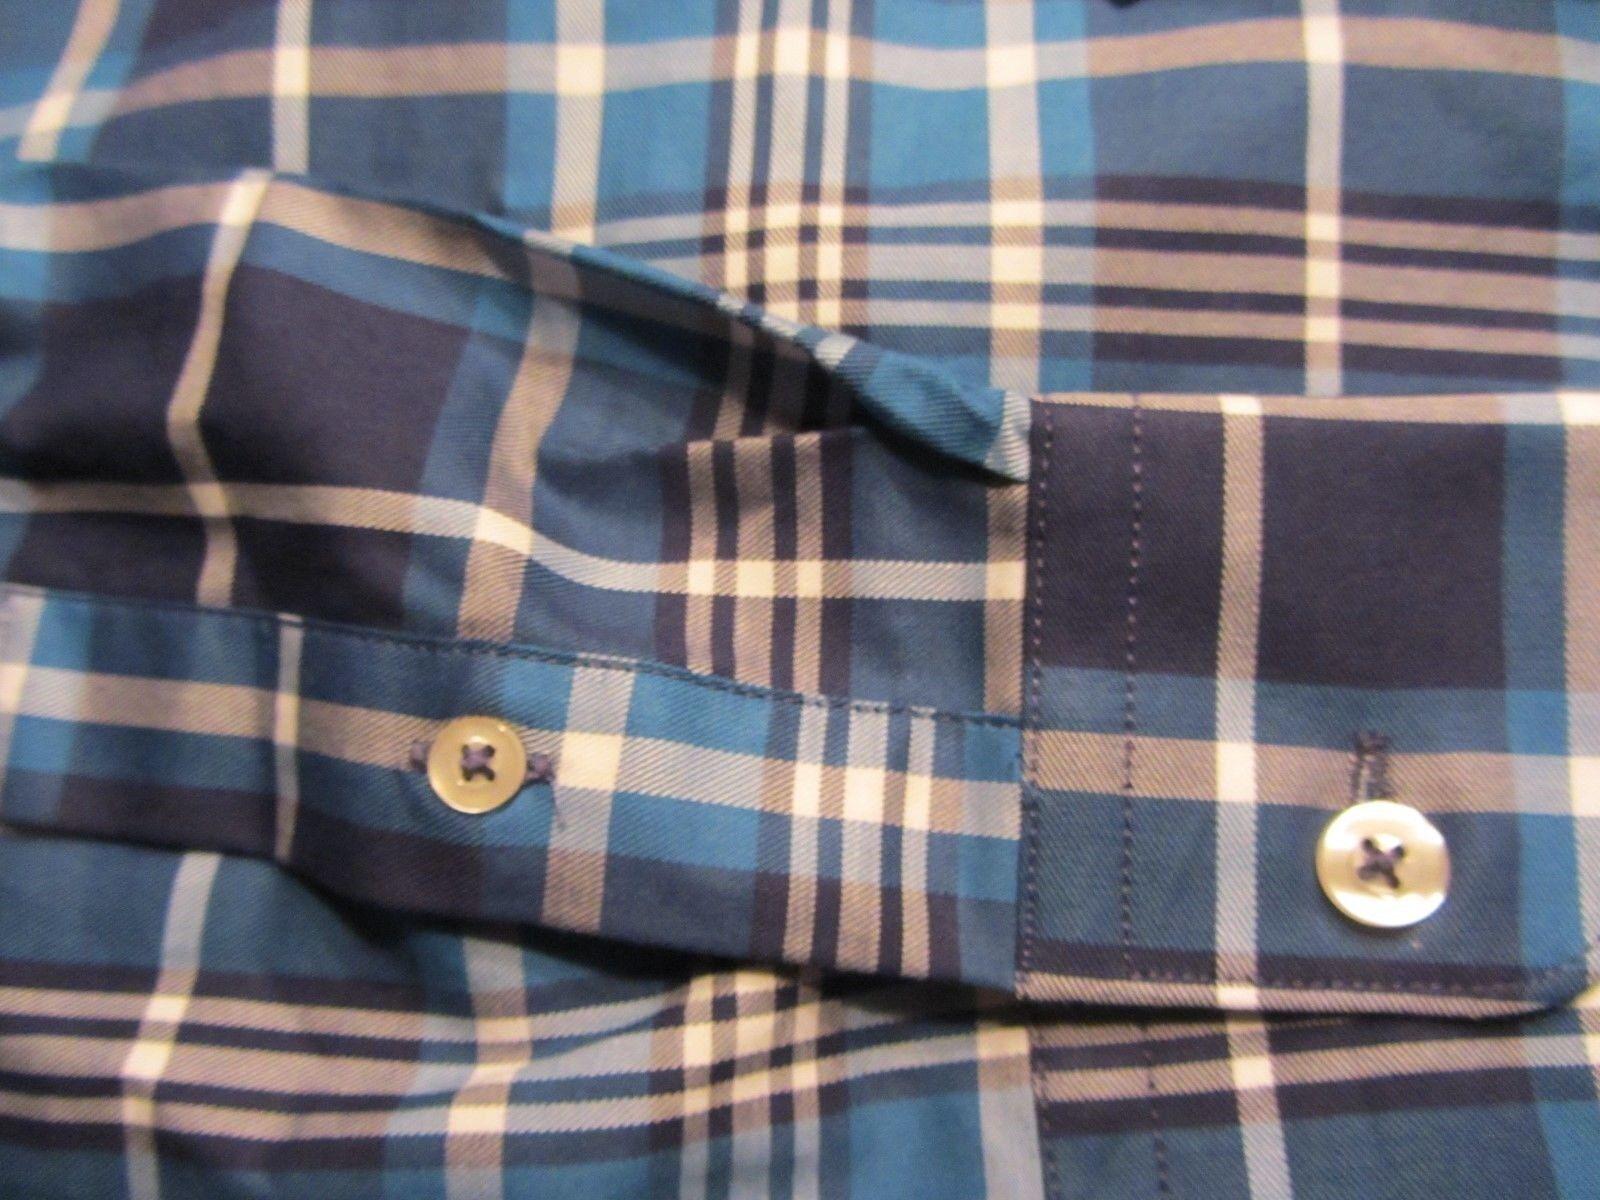 FALKE Hemd XXL 45 46 46 46  Tailor Fit  SPORTLICH; SCHÖN + MODERN KARIERT    0319 | Zarte  b0217d